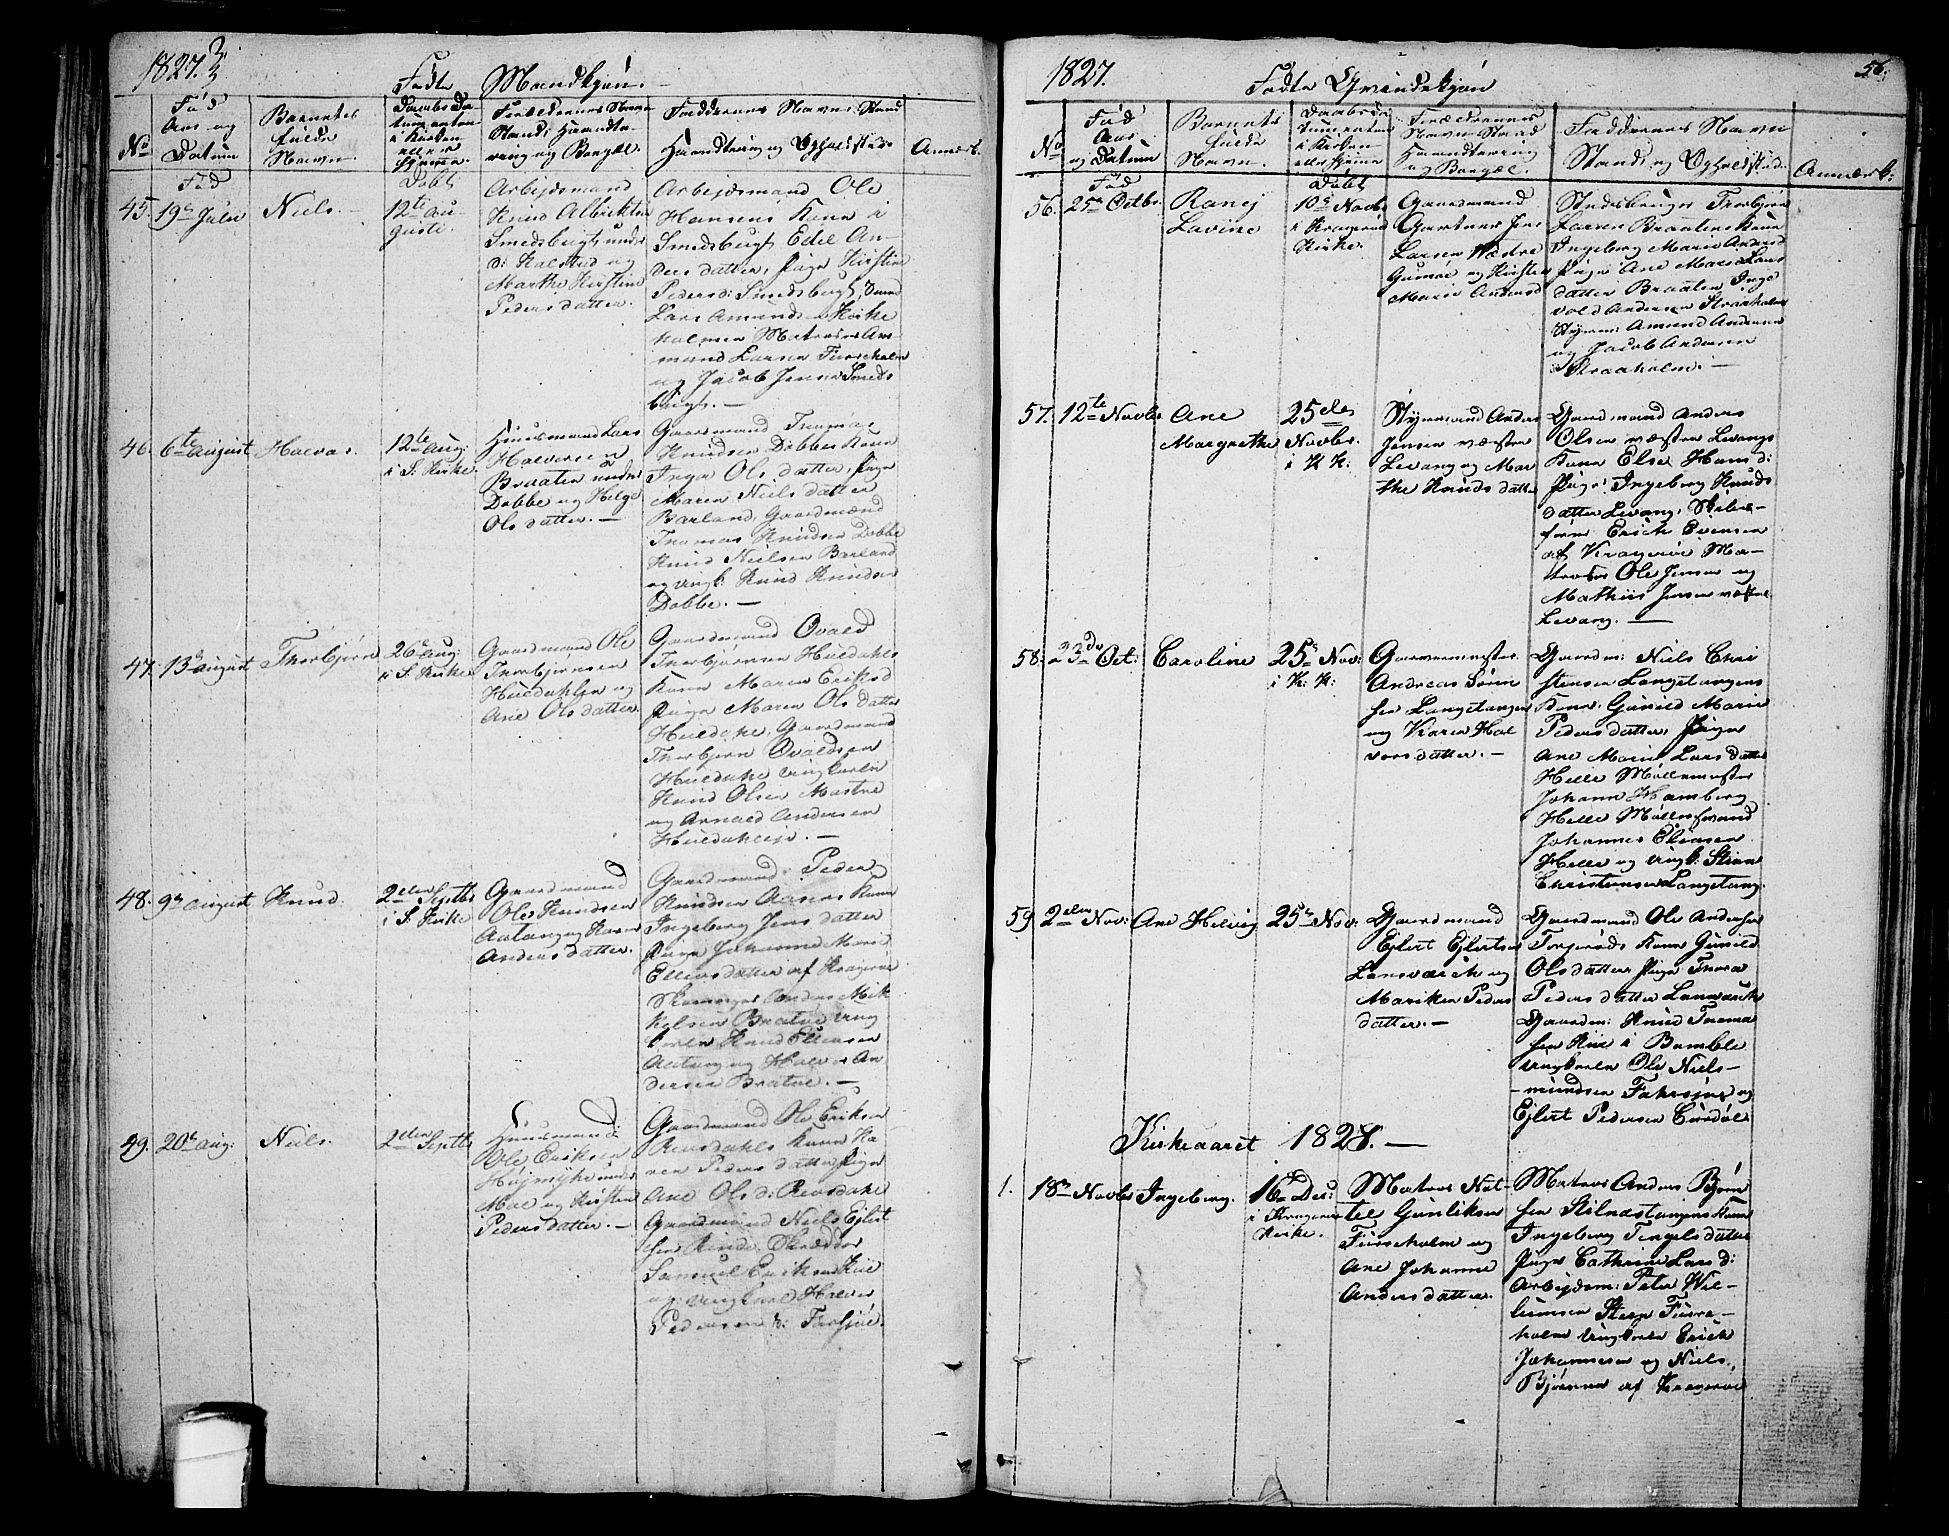 SAKO, Sannidal kirkebøker, F/Fa/L0005: Ministerialbok nr. 5, 1823-1830, s. 56